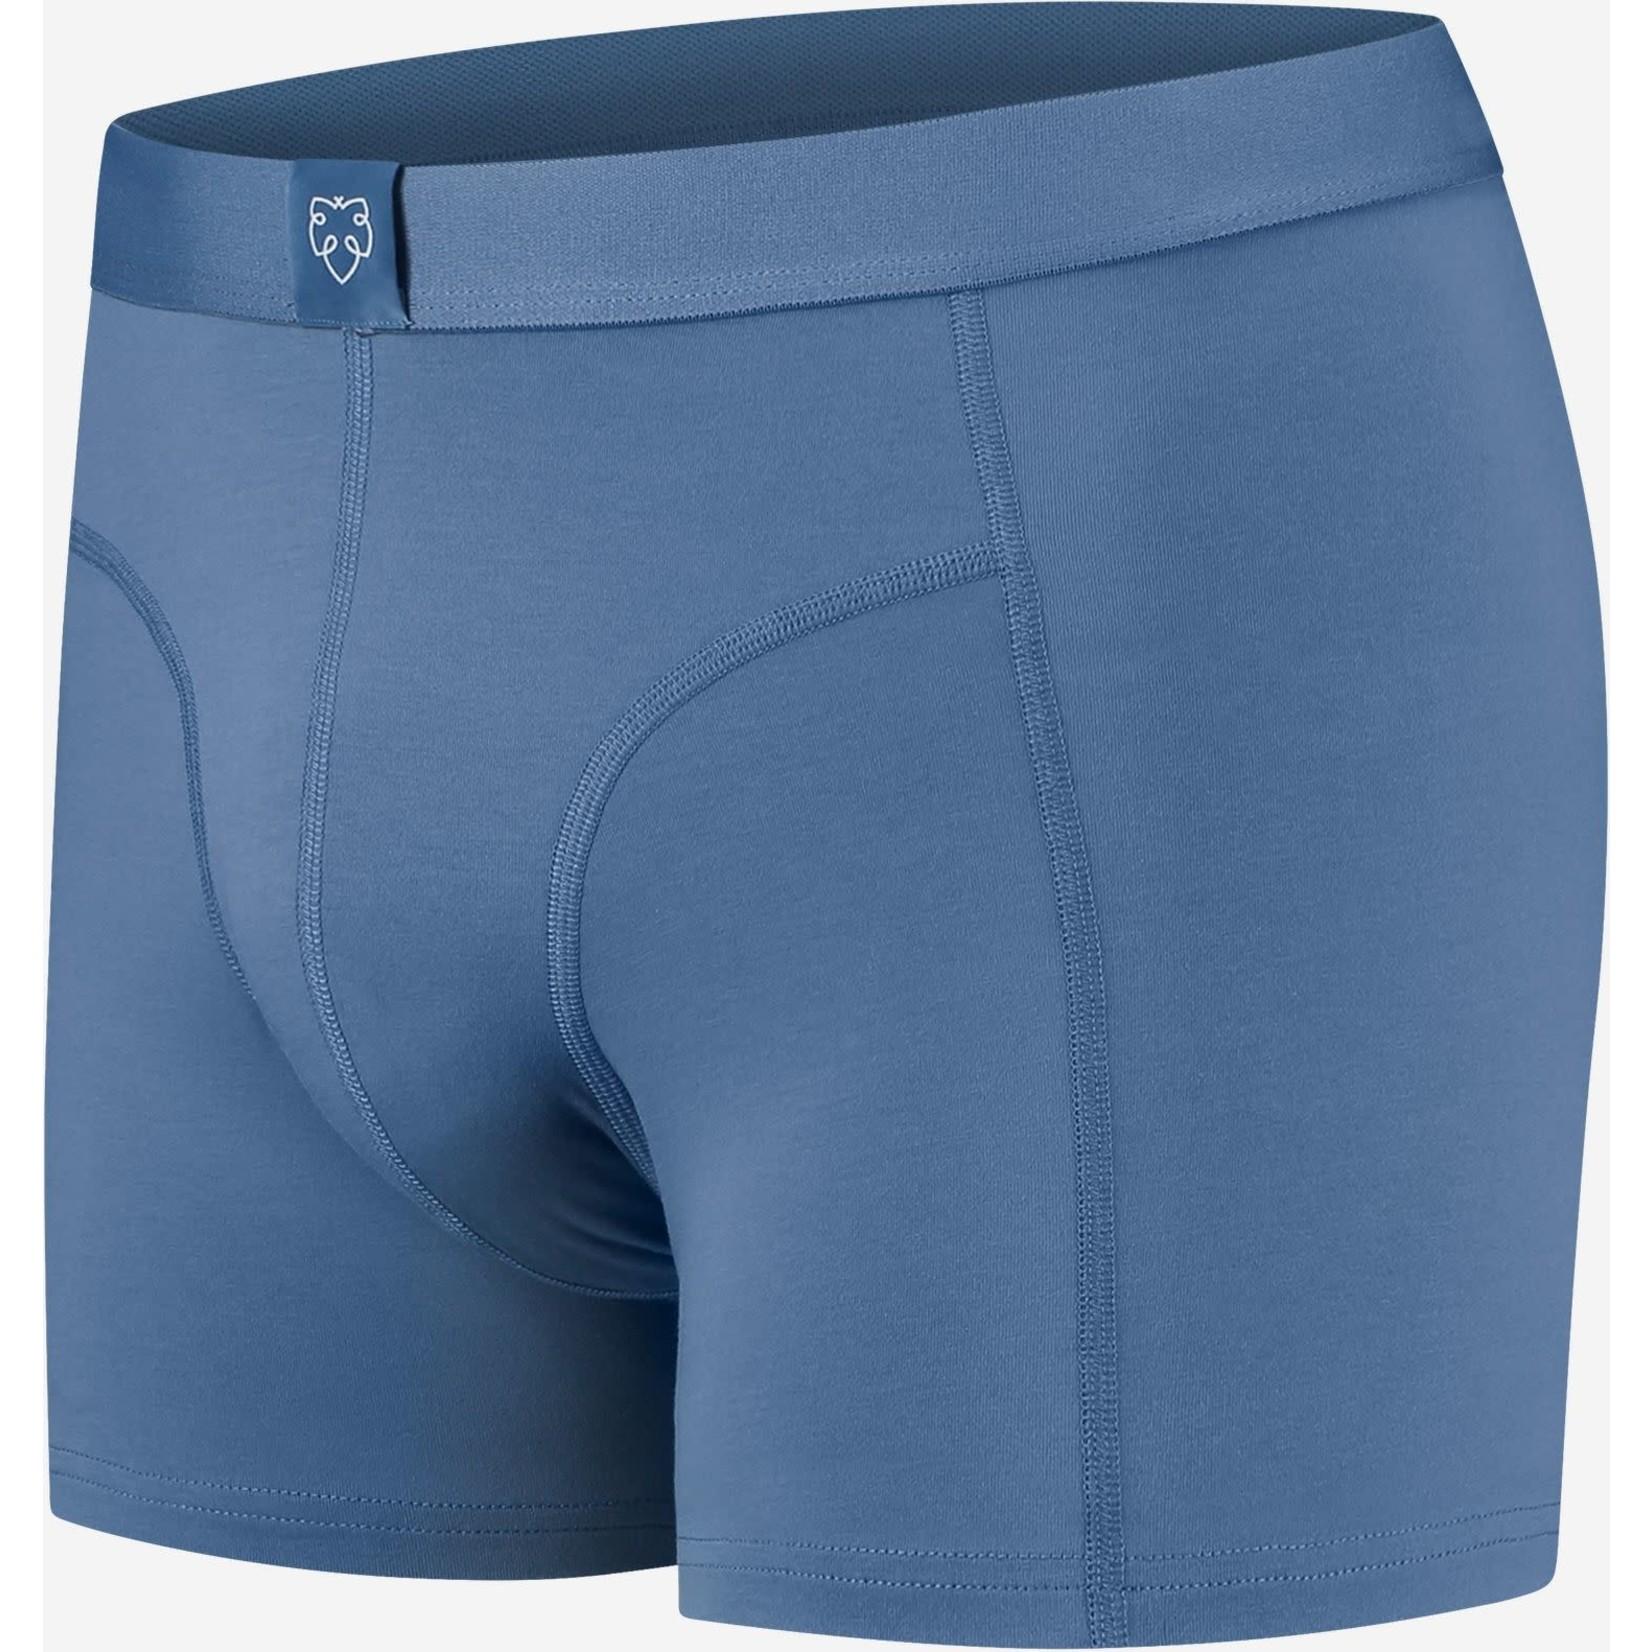 A-dam Underwear boxer Wibi 3-pack